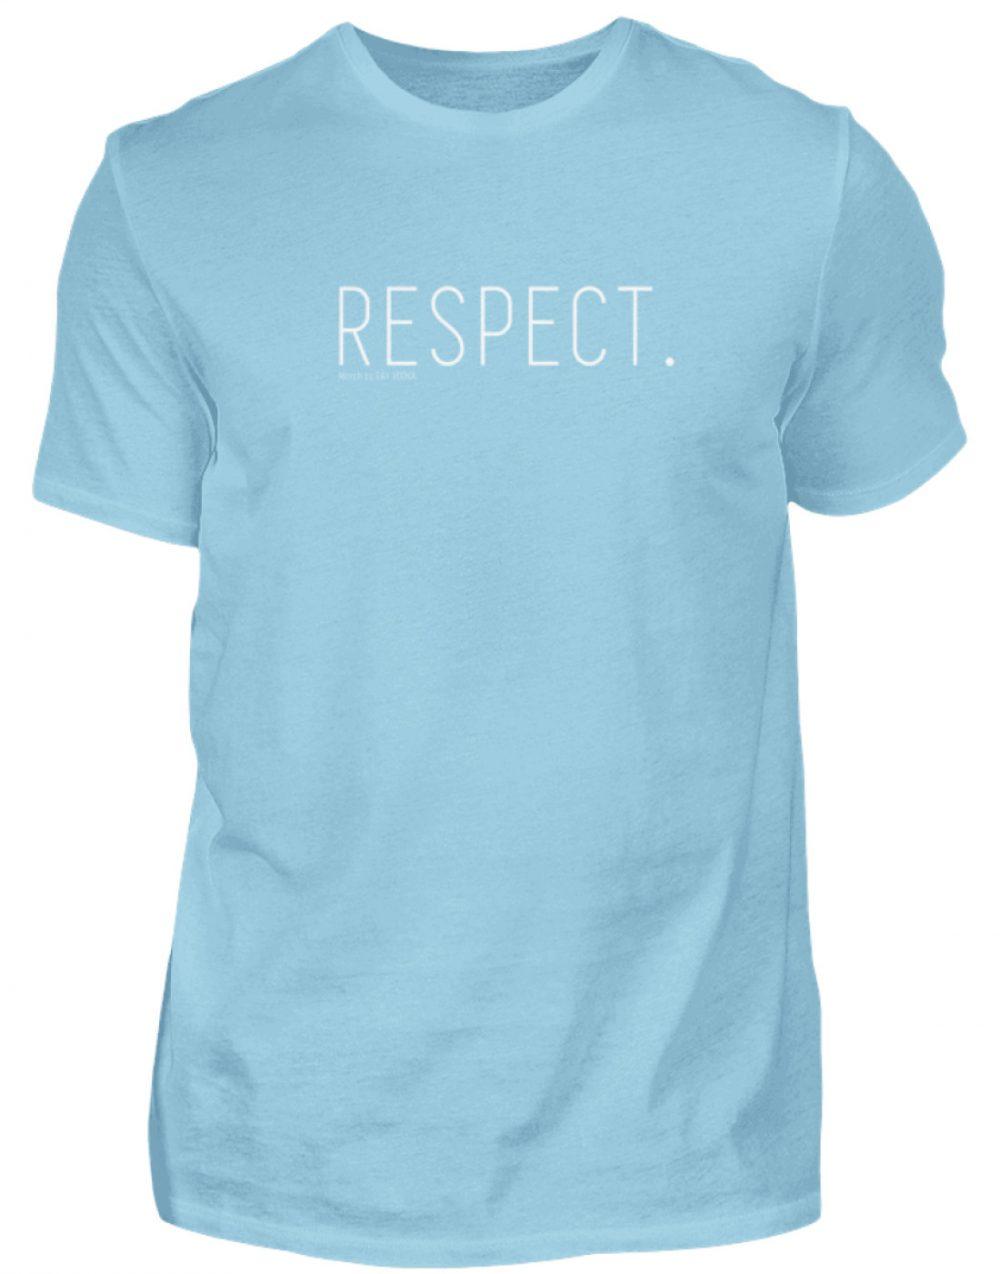 RESPECT. - Herren Premiumshirt-674